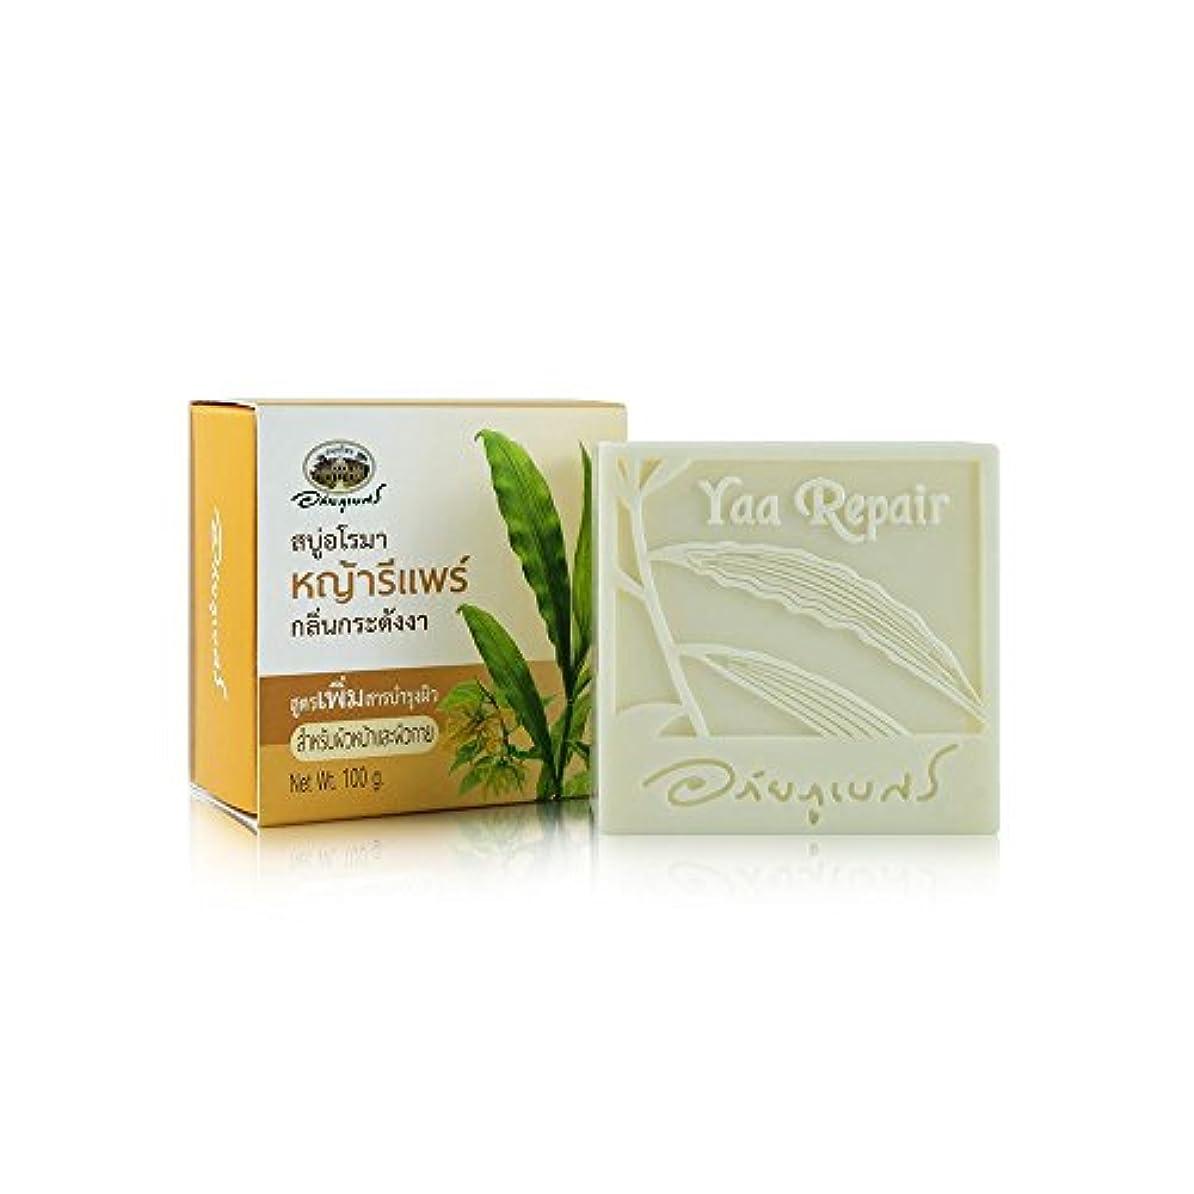 意気込みフォローリズムAbhaibhubejhr Thai Aromatherapy With Ylang Ylang Skin Care Formula Herbal Body Face Cleaning Soap 100g.